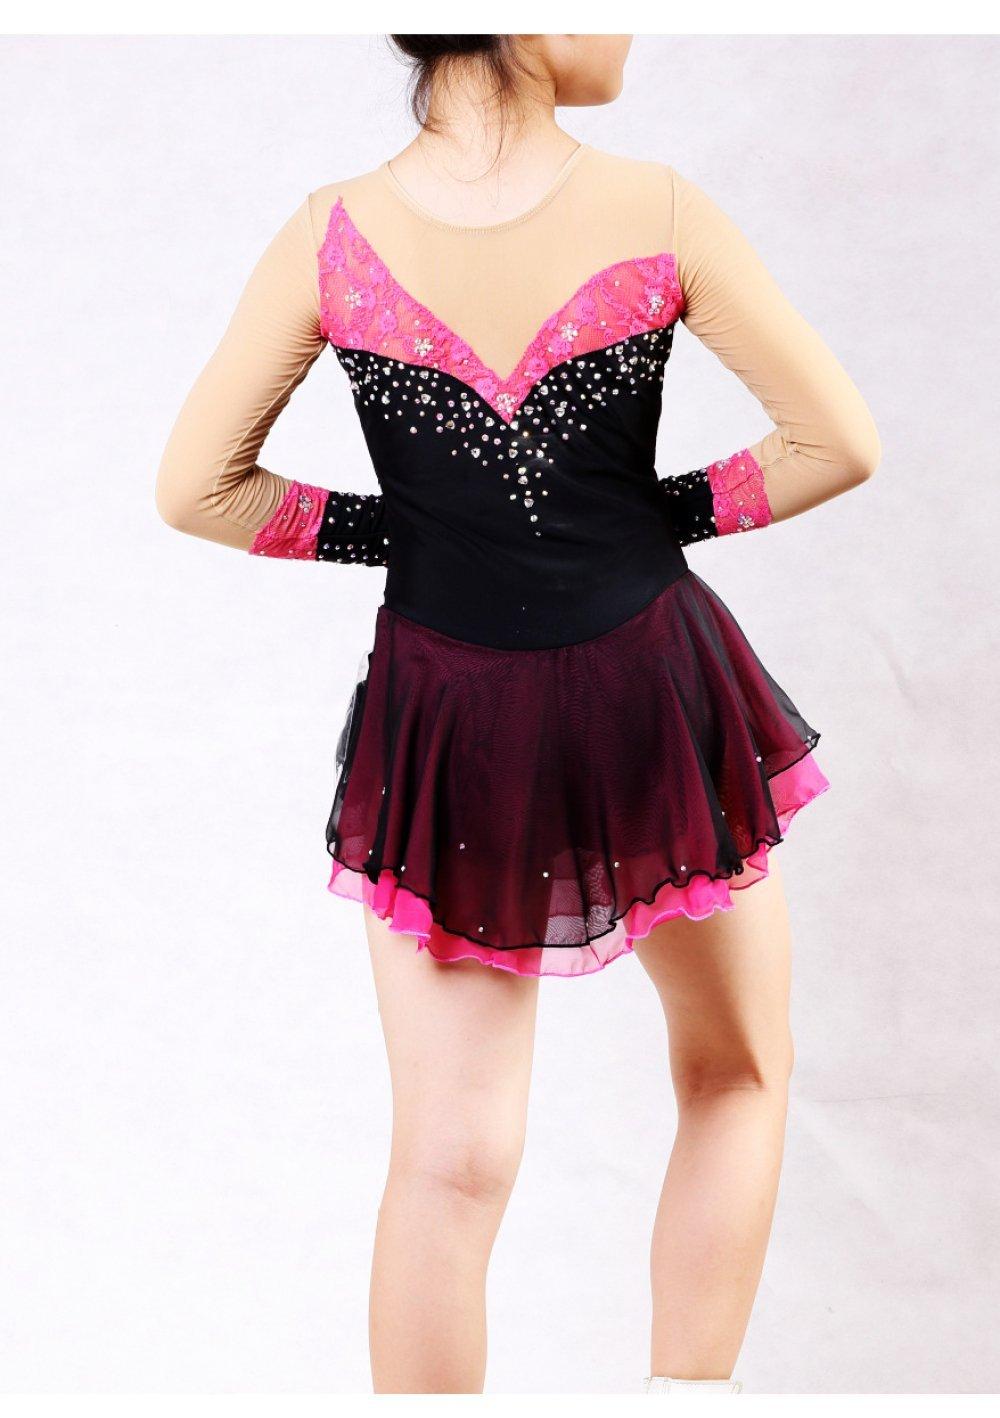 GZHGF Eiskunstlauf Kleid Damen Mädchen Eiskunstlauf Kleid ...